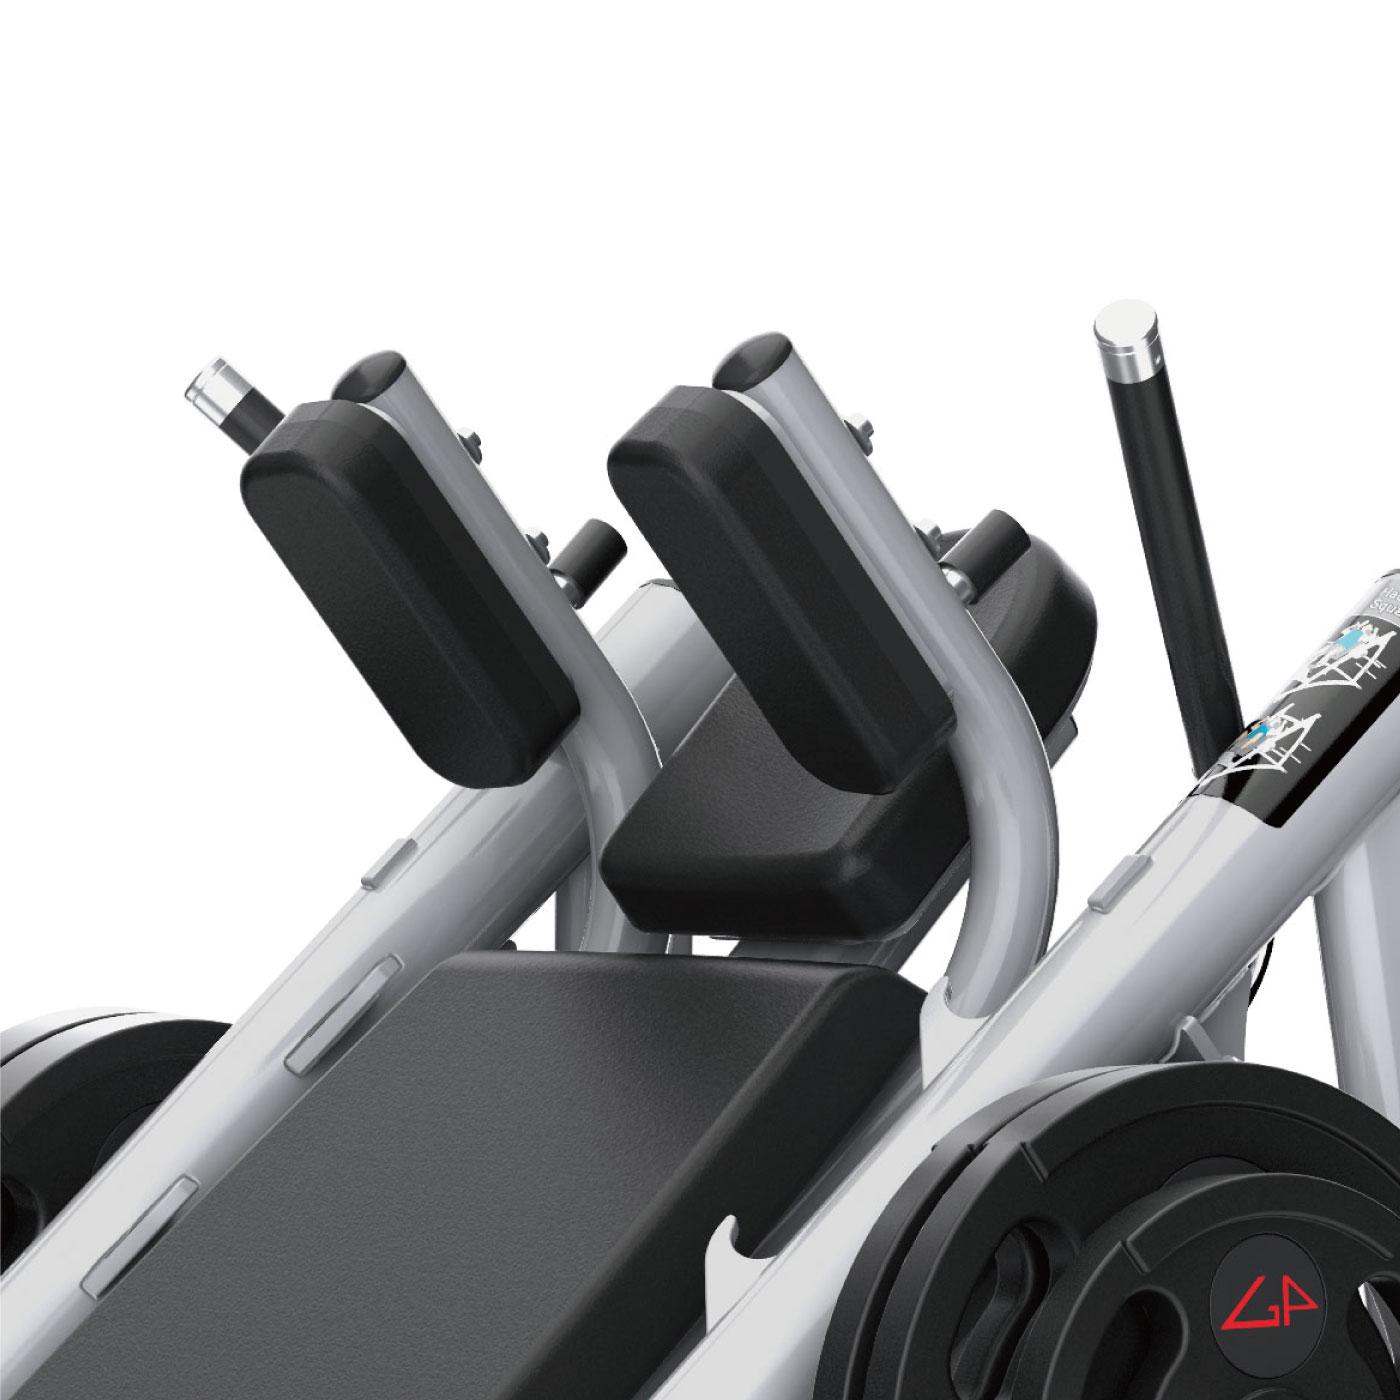 MG-PL71(ハックスクワット)〈MAGNUMシリーズ〉/業務用ストレングスマシン〈業務用MATRIX〉《ジョンソンヘルステック》